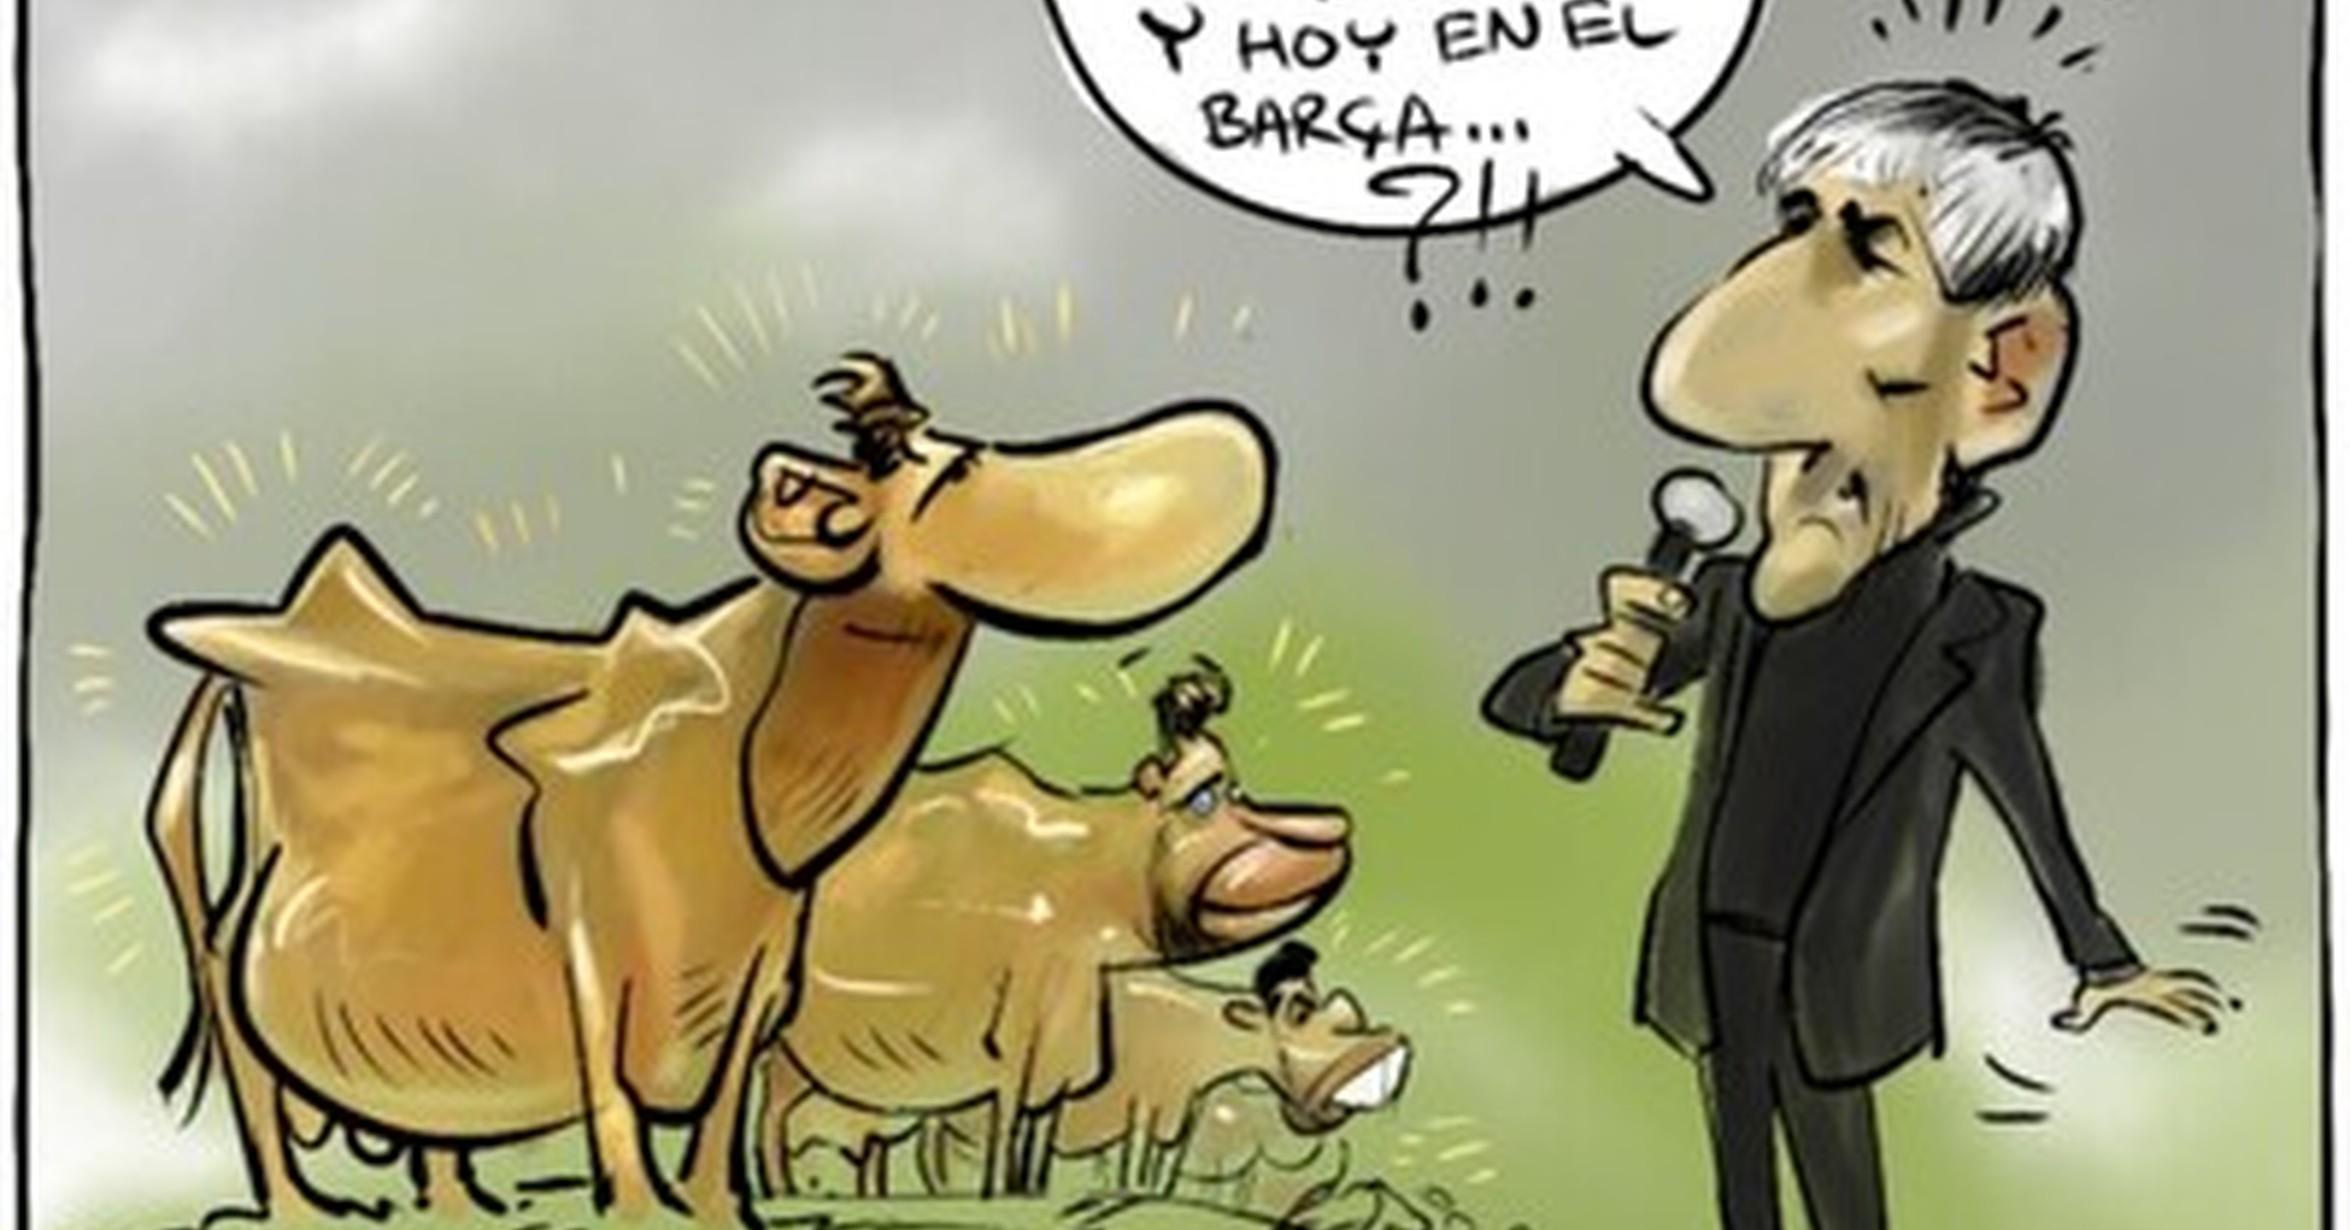 PRESENTACIÓN COMO ENTRENADOR DEL BARCELONAQuique Setién: «Ayer estaba paseando con las vacas en mi pueblo y hoy entrenando a los mejores» MMD_1095884_402fb6eca79a4b91a35f4037452b965c_futbol_en_el_barca_tambien_hay_vacas_pero_estas_son_sagradas_por_yesnocse_thumb_fb